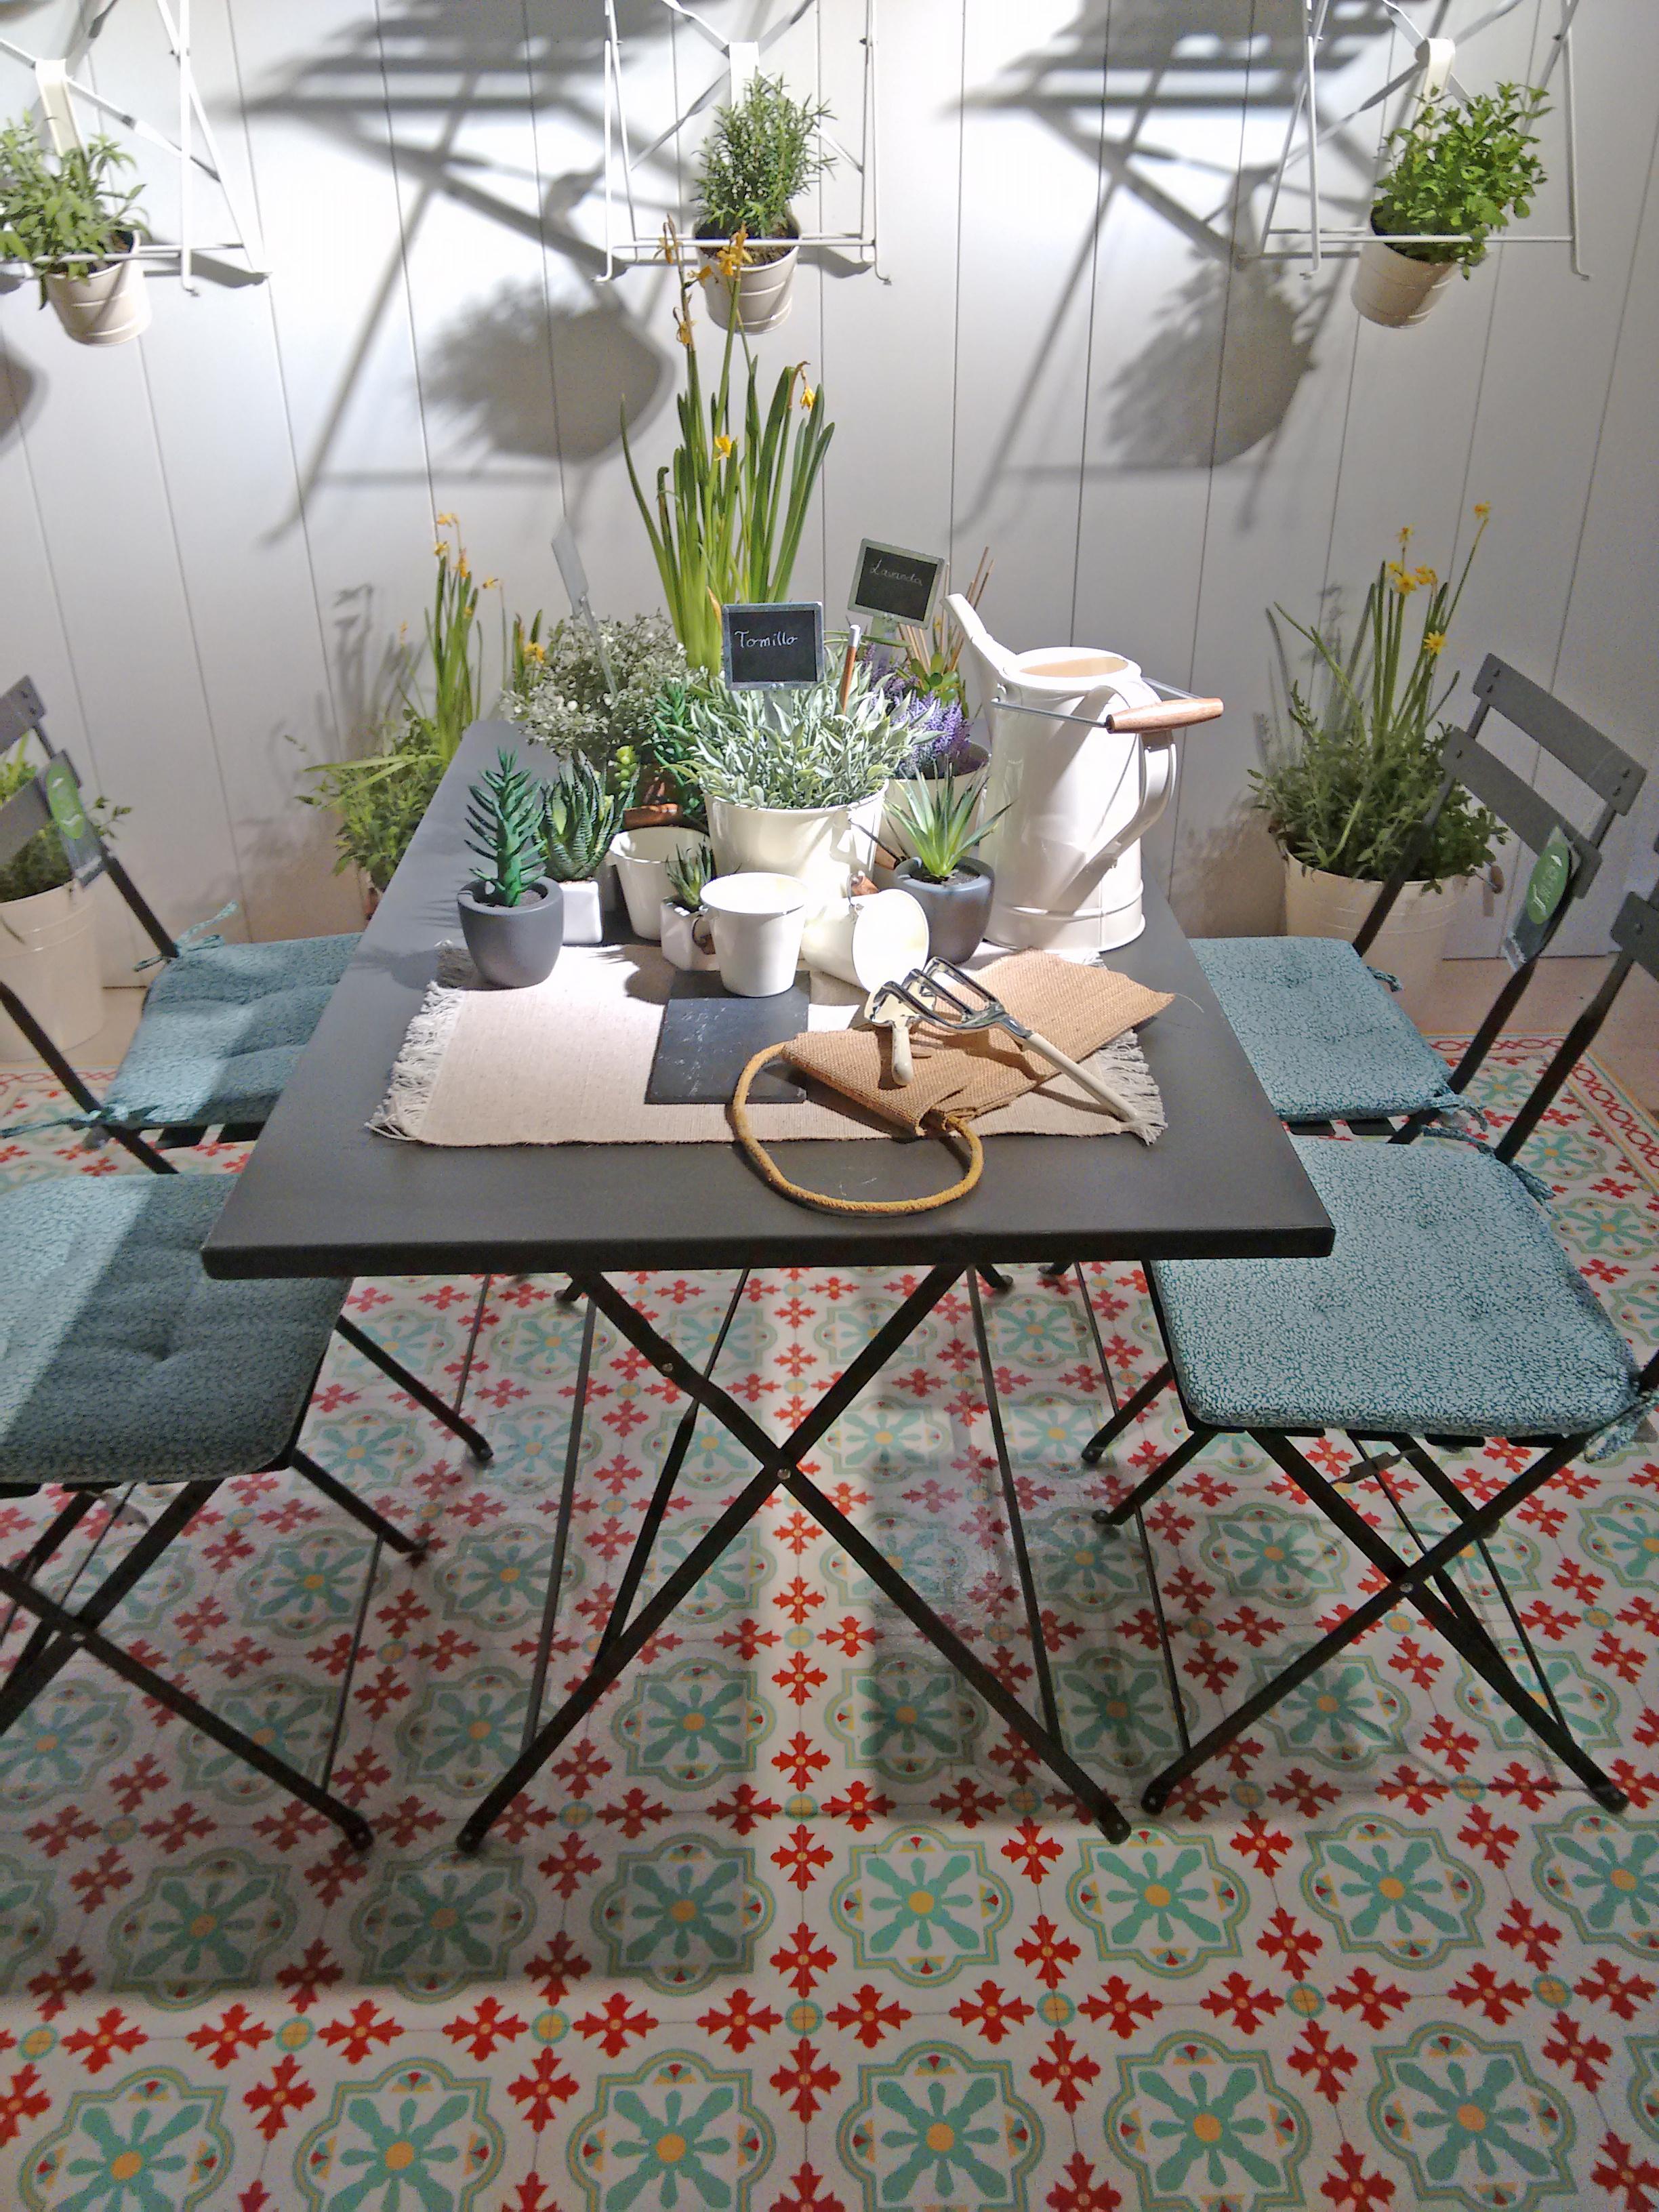 Corte ingles mesas corte ingles mesas cristal mesa corte ingles mesa auxiliar el corte ingls - Mesas auxiliares de cristal el corte ingles ...